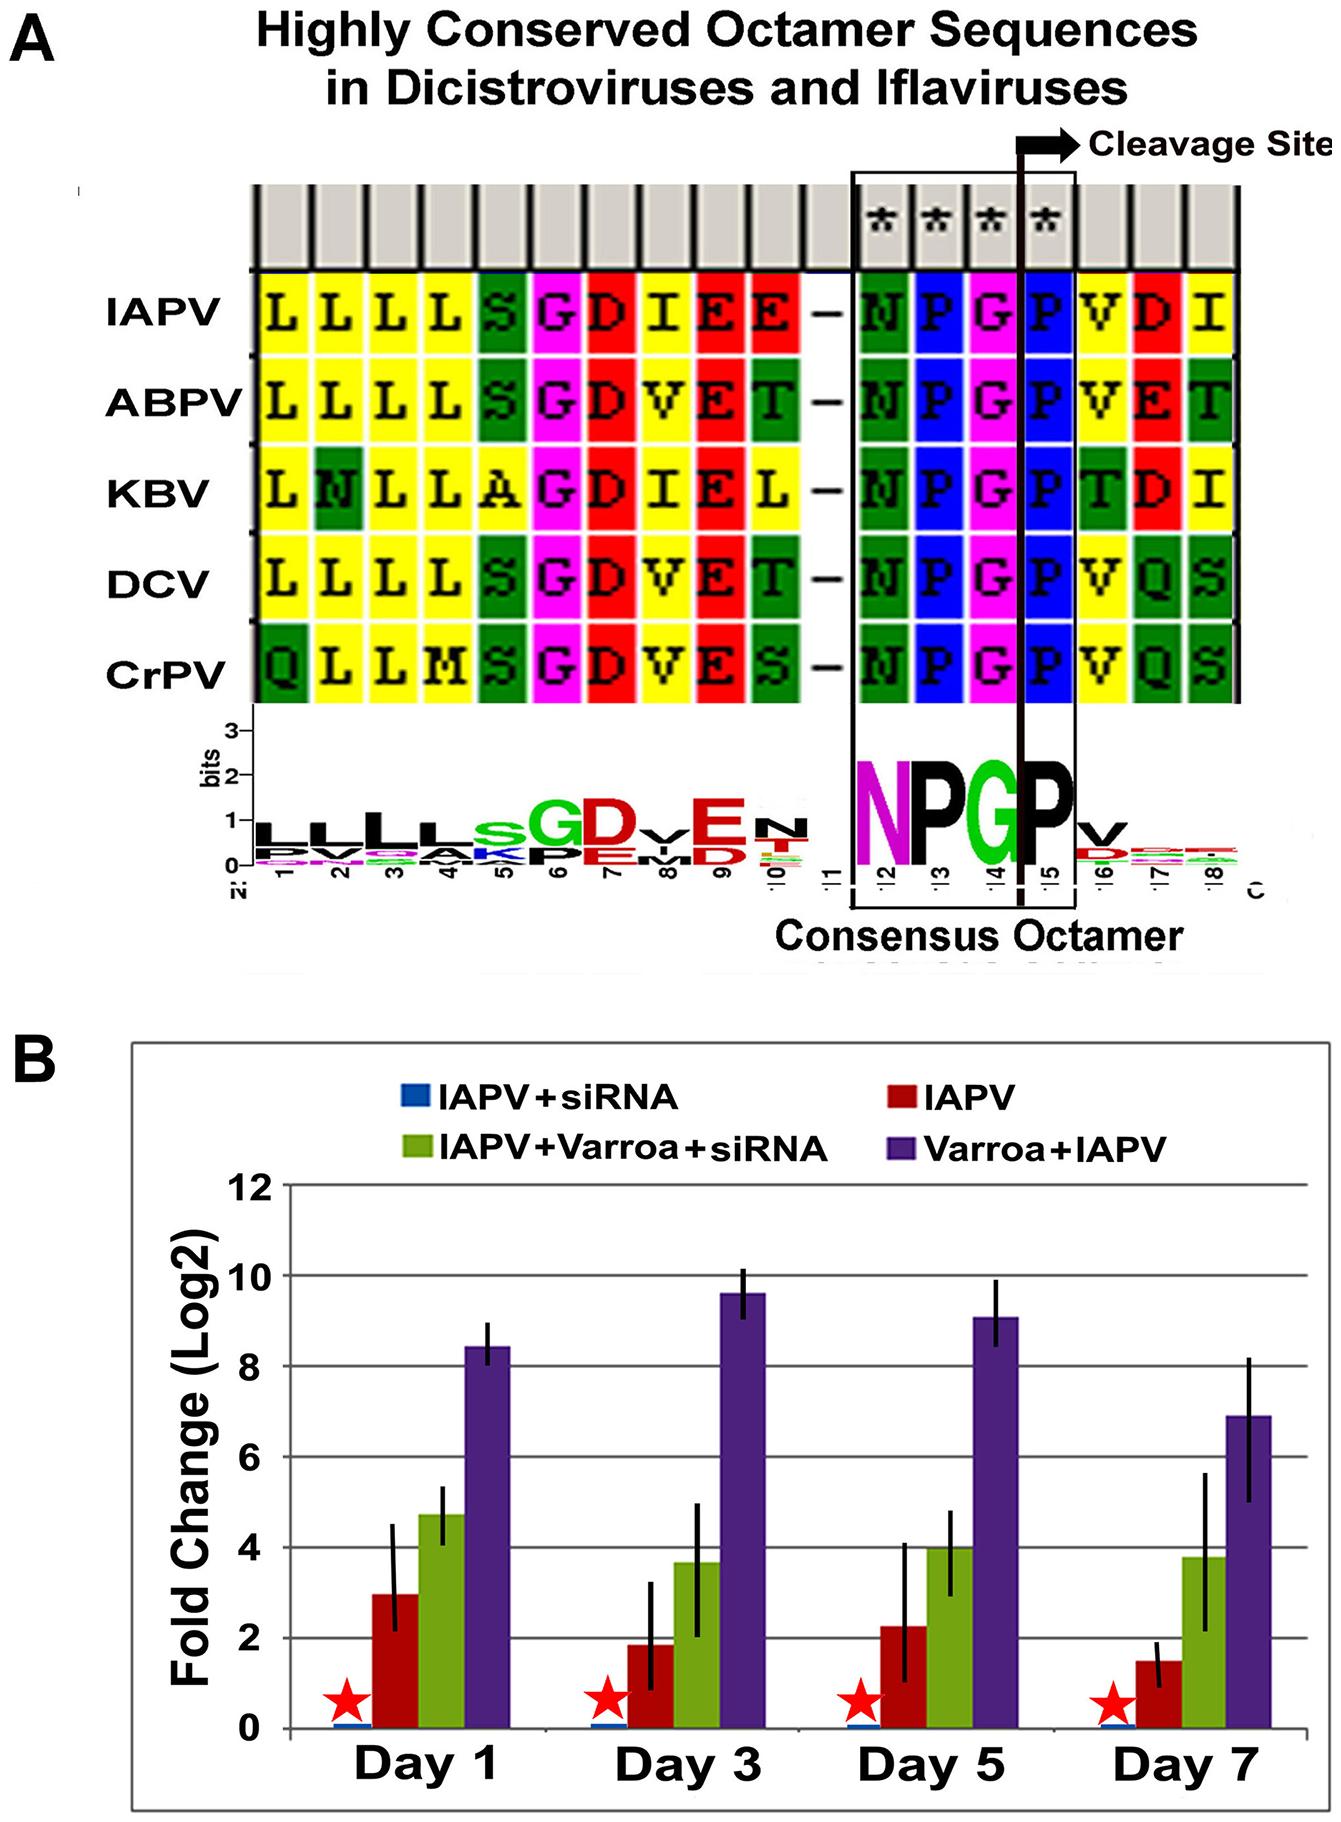 IAPV-encoded putative suppressor of RNAi.